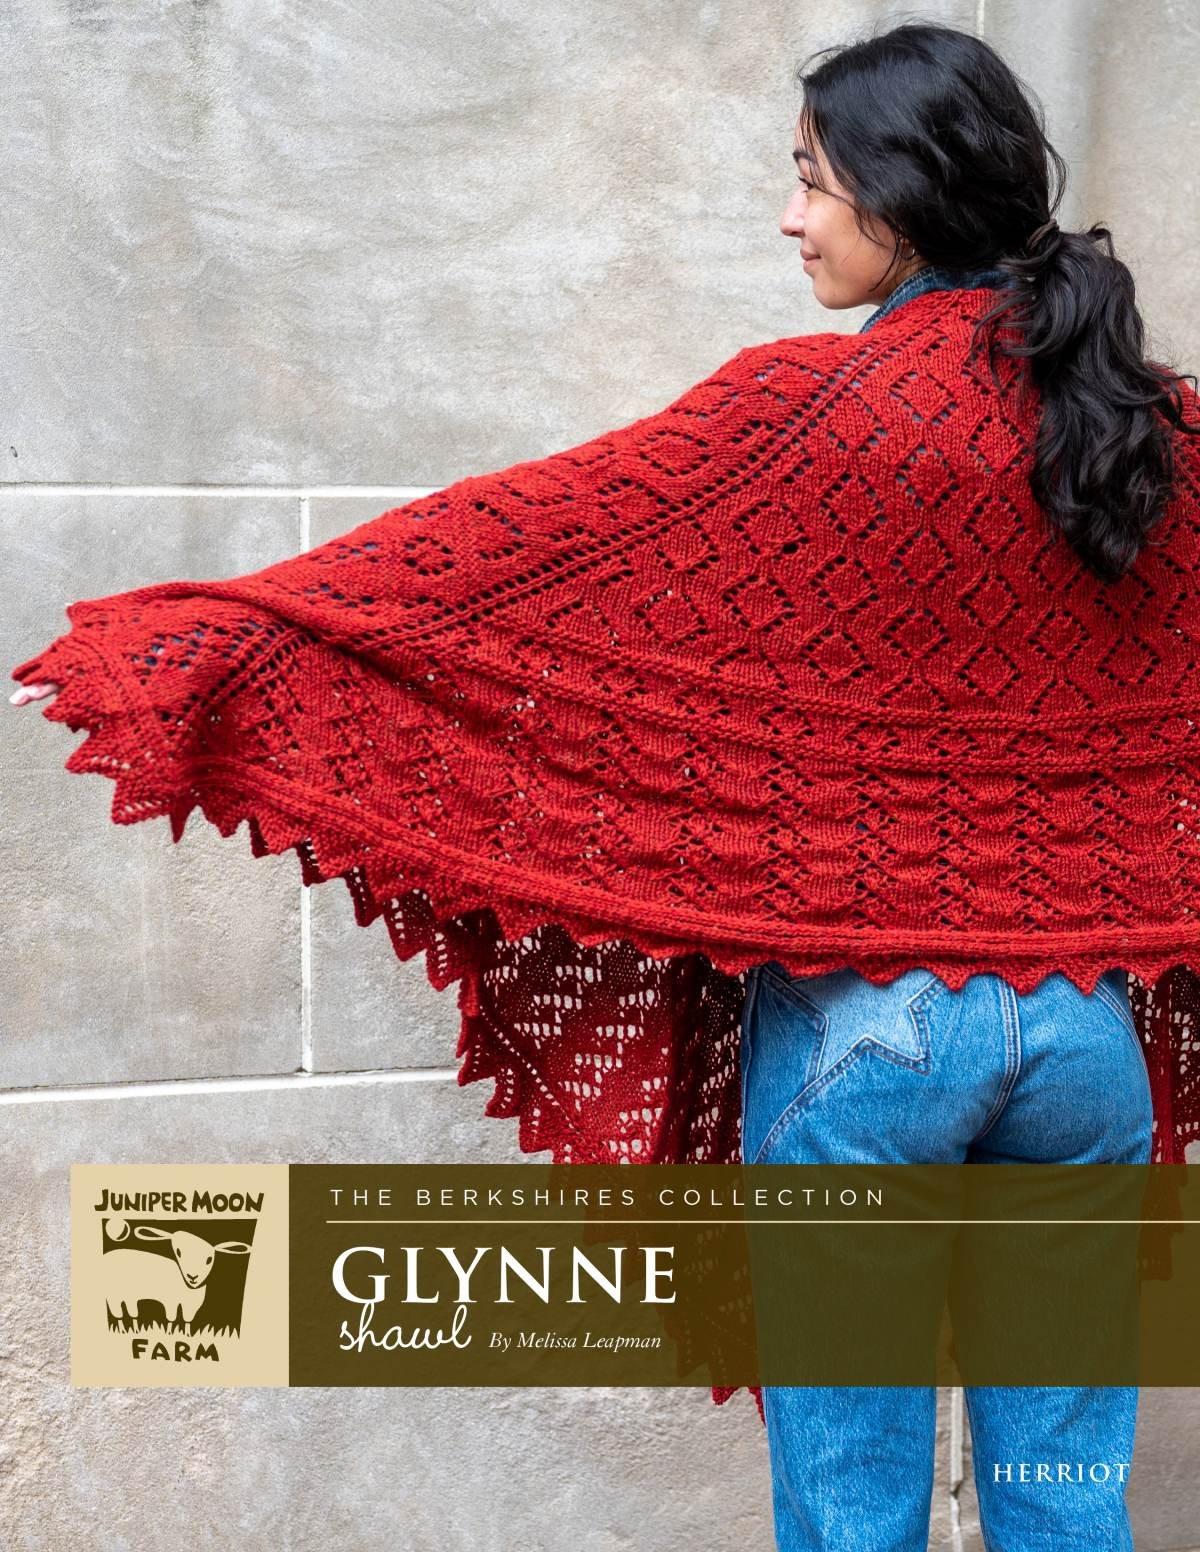 Glynne Shawl pattern